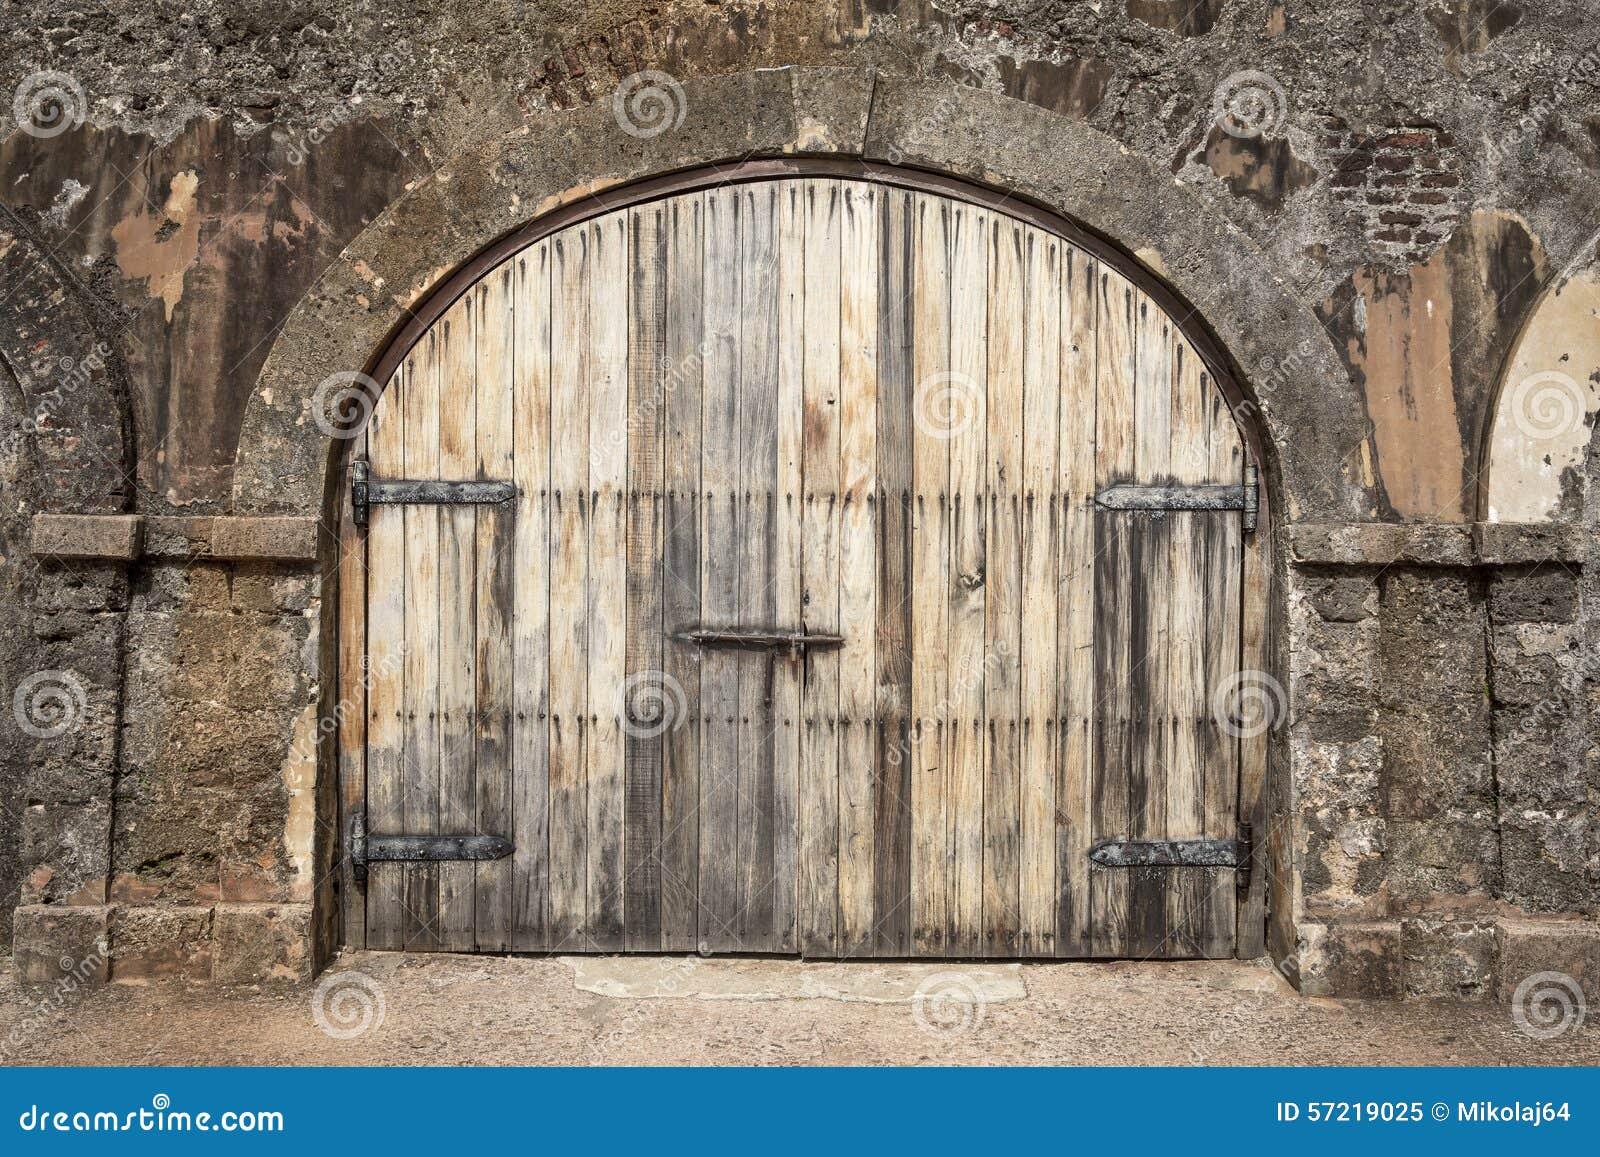 grande porte en bois dans une ferme de goujon rustique photo stock image 57219025. Black Bedroom Furniture Sets. Home Design Ideas